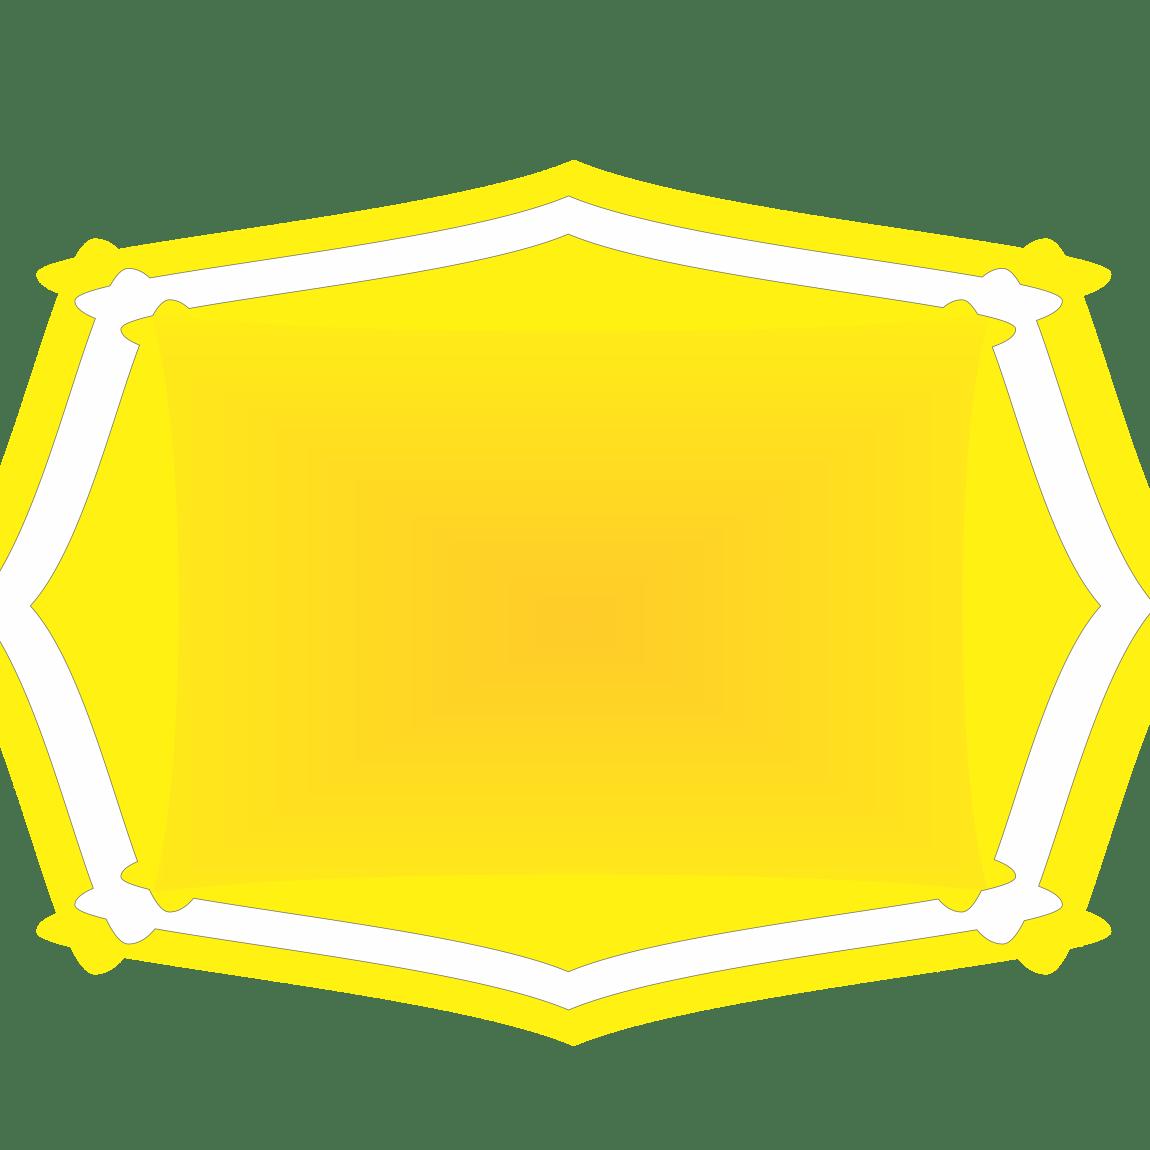 frame amarelo png